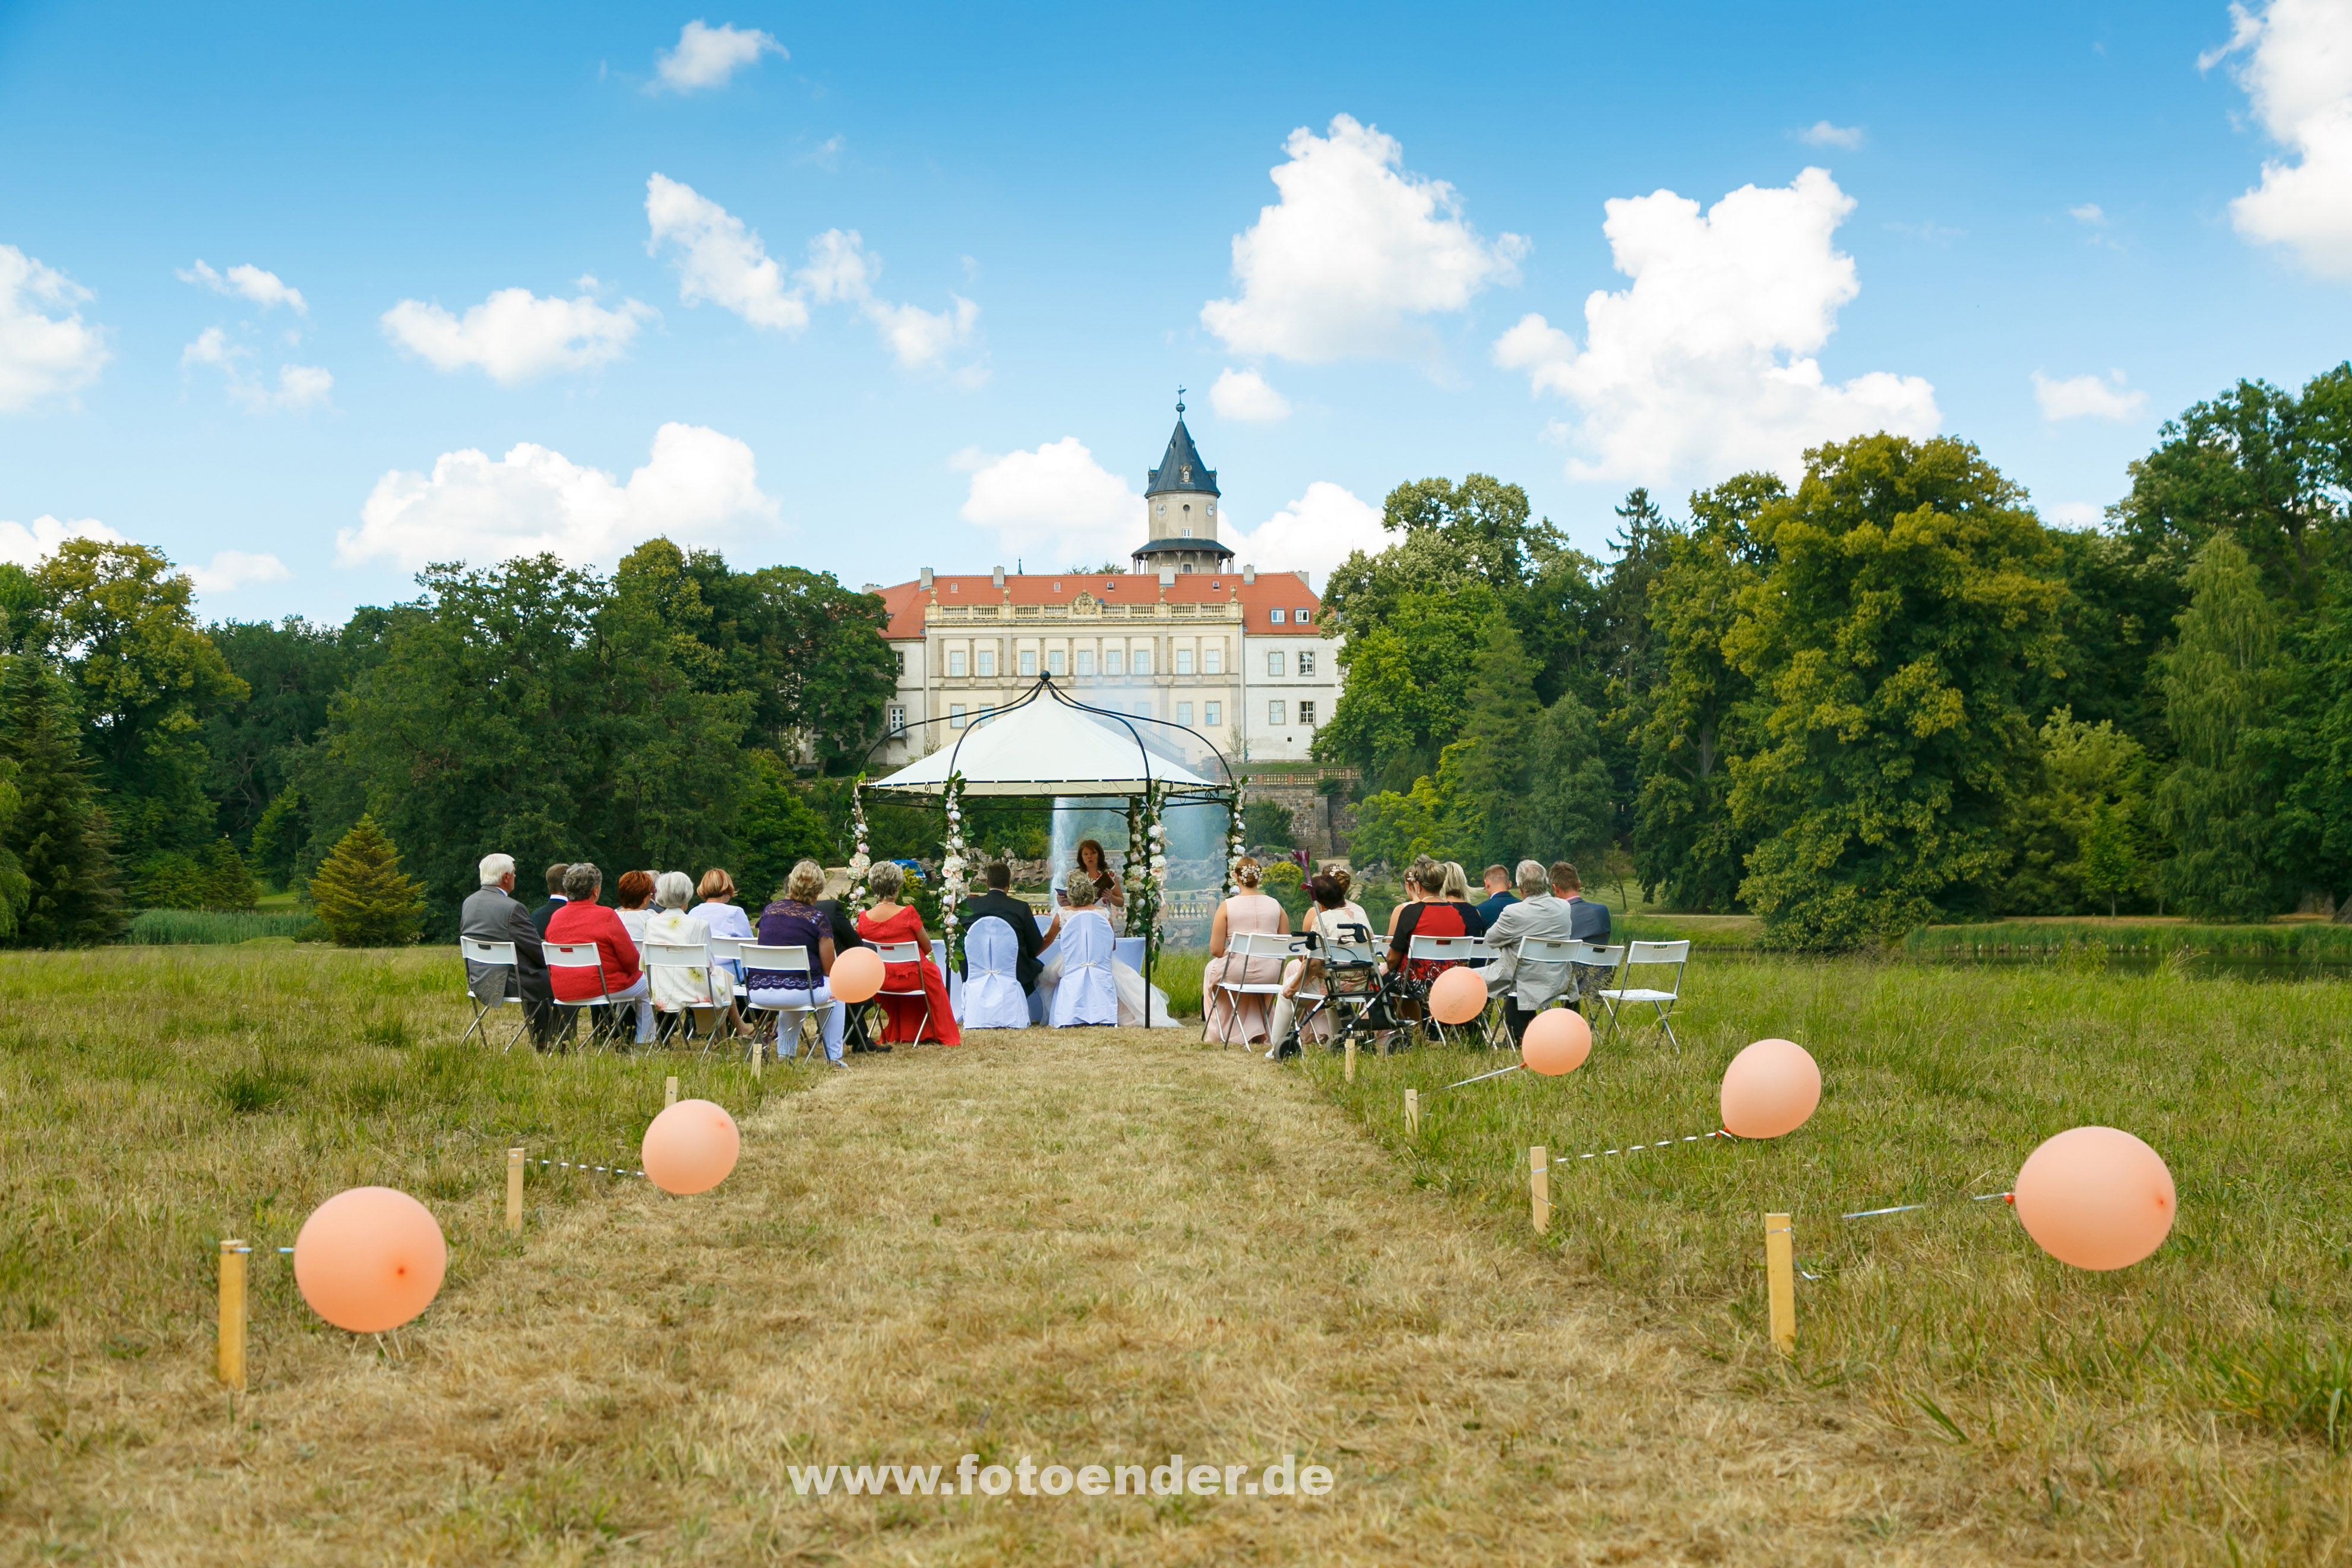 Freie Trauung in Wiesenburg